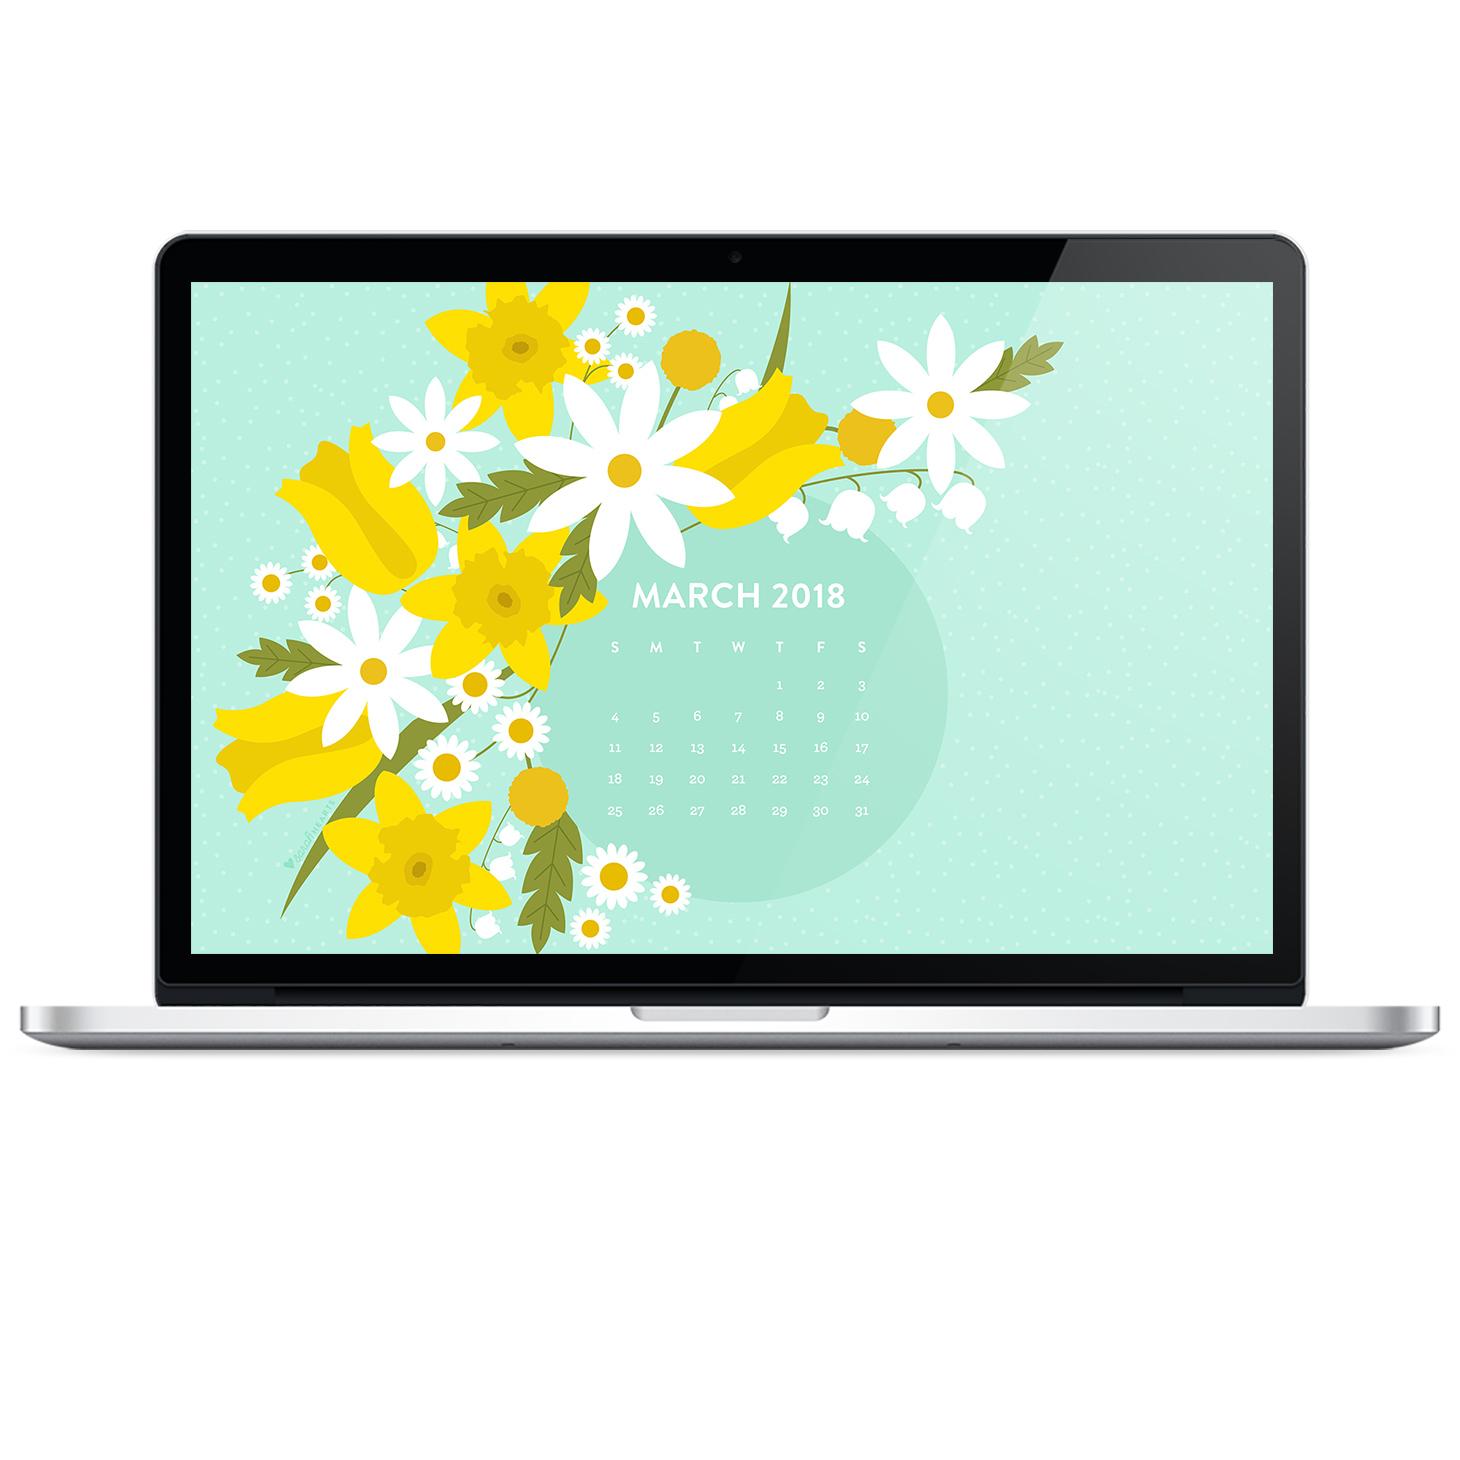 Macbook Wallpaper Calendar : March spring flower calendar wallpaper sarah hearts